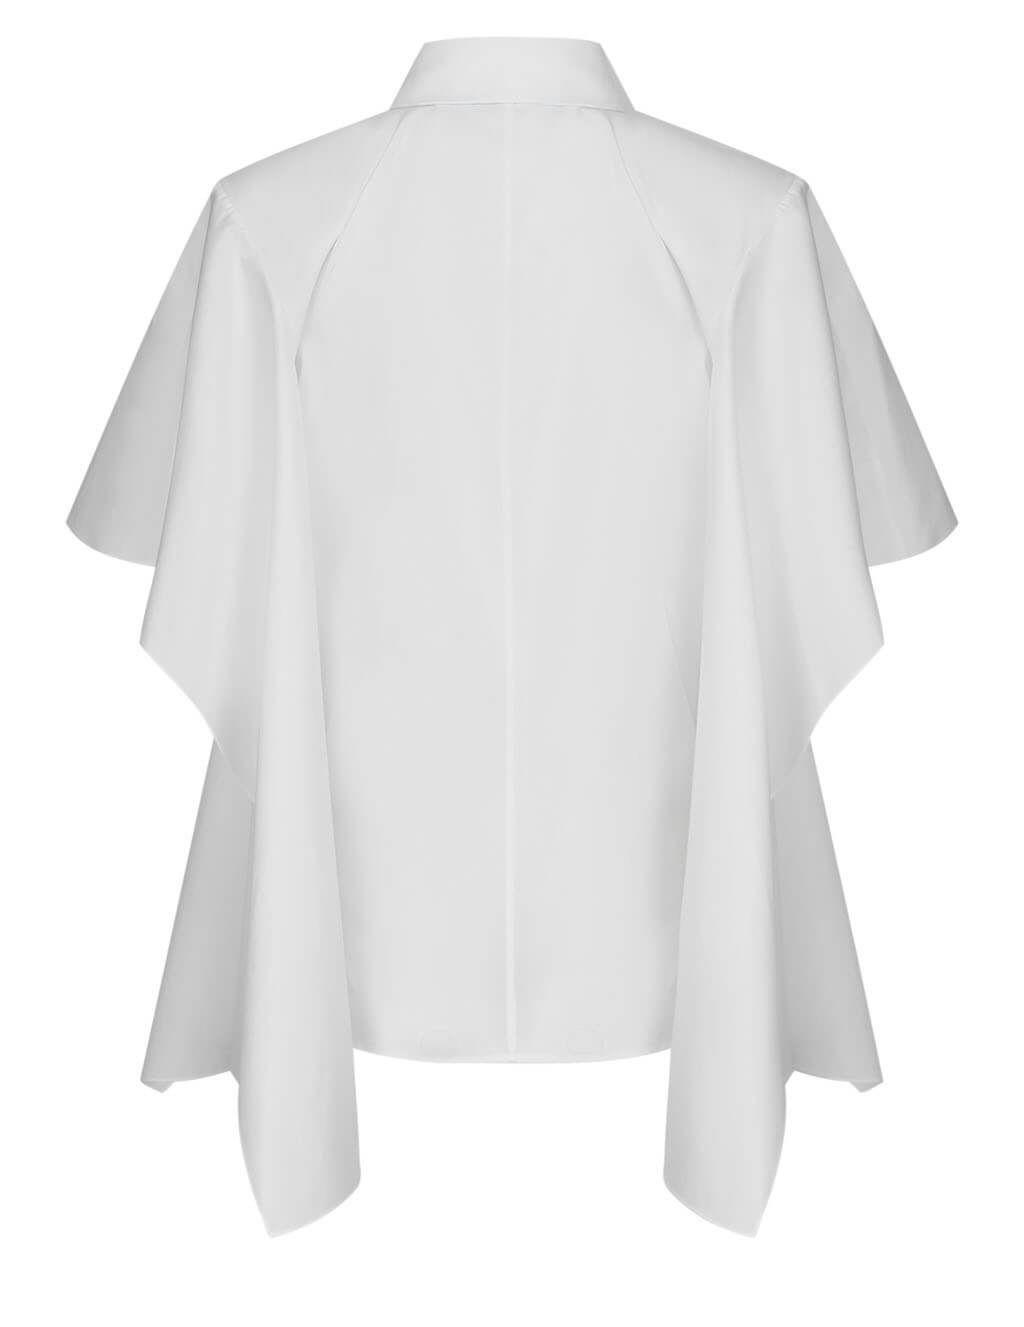 OFF-WHITE T-shirts OFF-WHITE WOMEN'S WHITE COTTON T-SHIRT